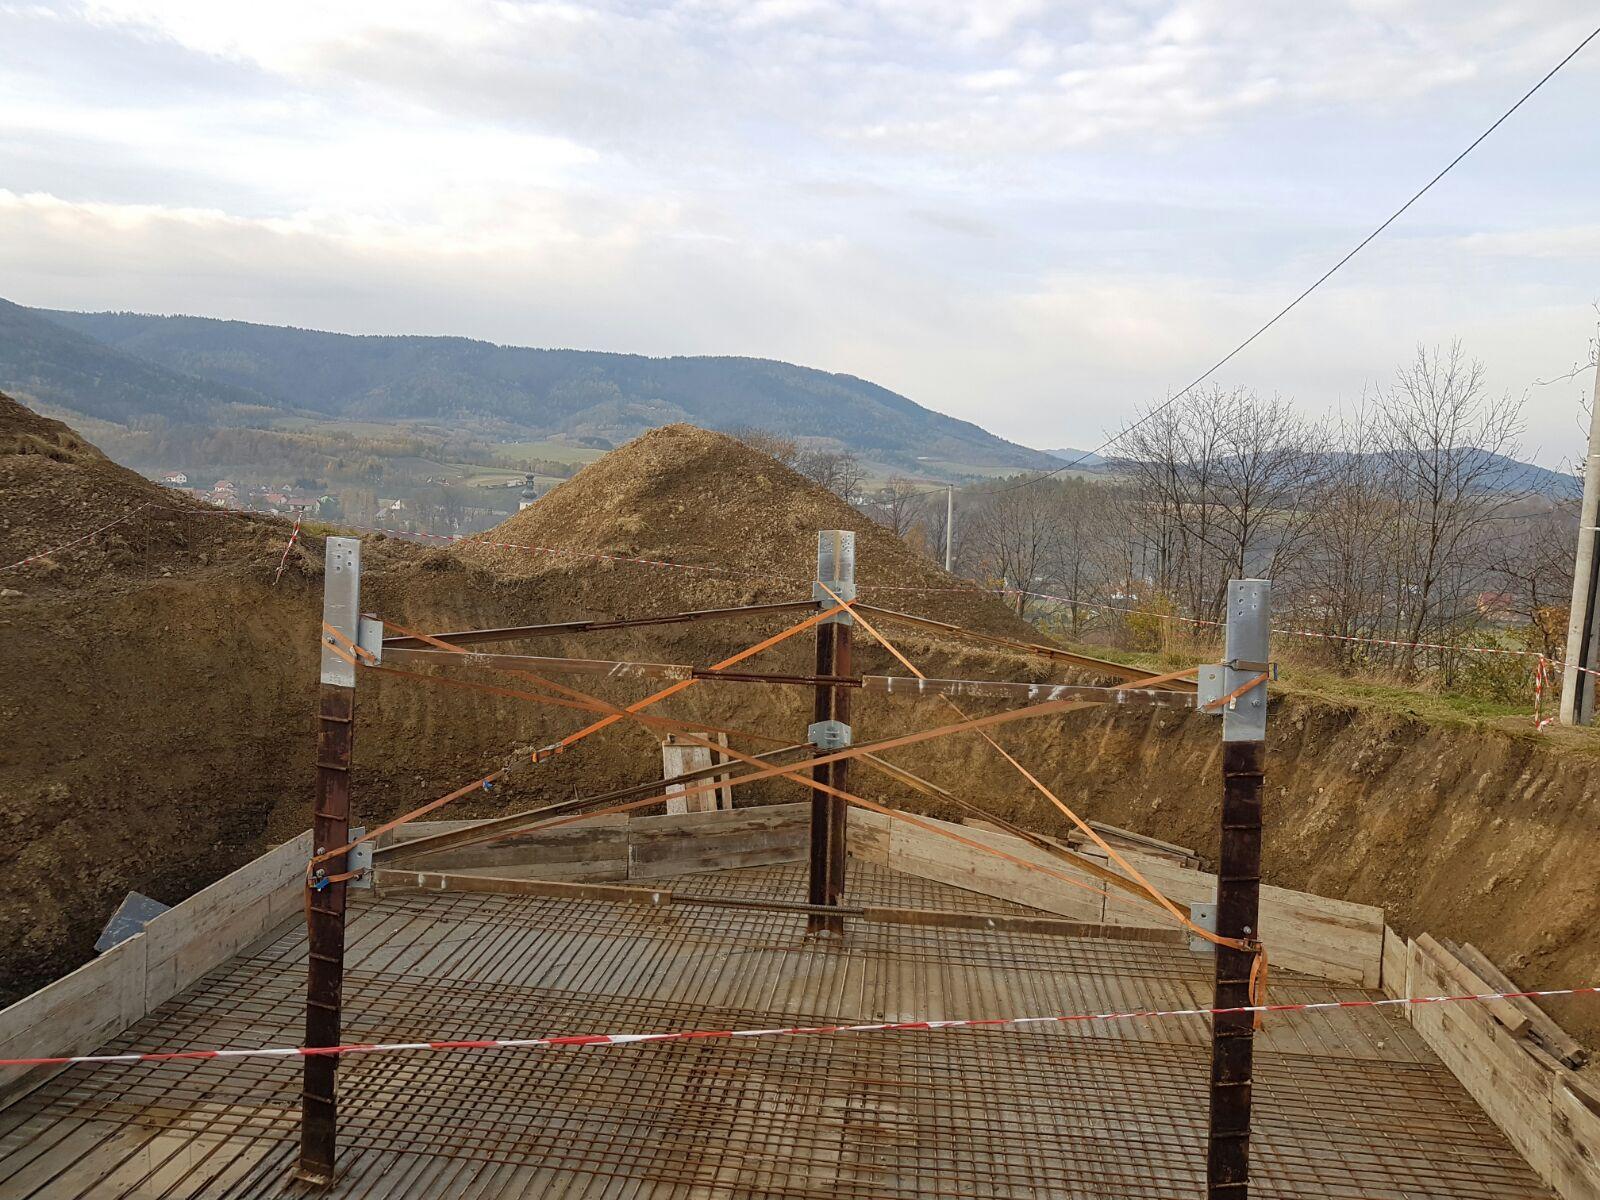 Trwa budowa nadajnika. Zasięg nie tylko dla Rzyk, ale i dla okolicznych miejscowości